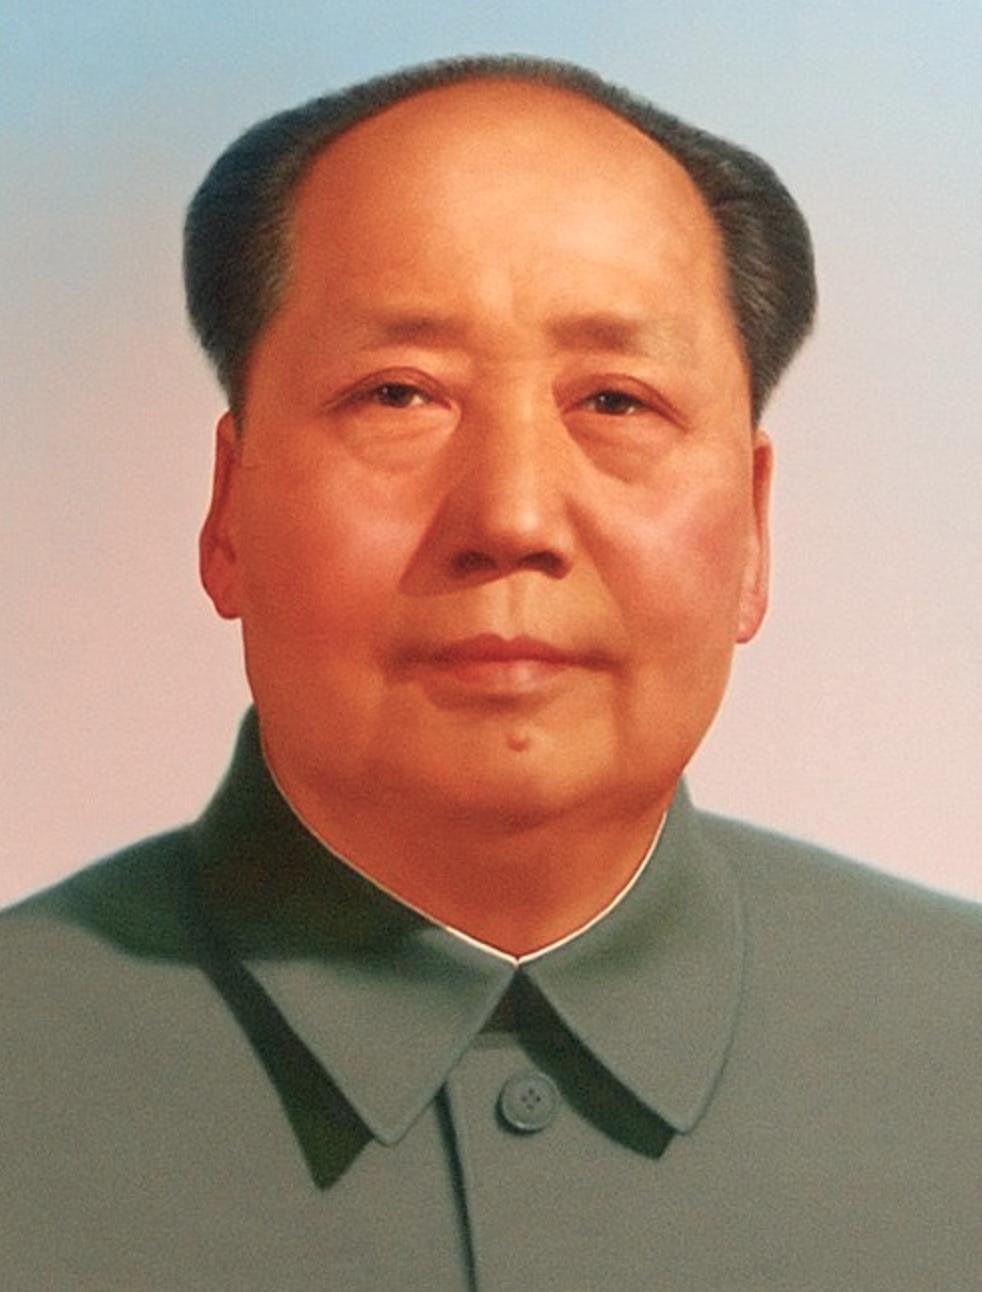 Image by Zhang Zhenshi, CC BY 2.0, via Wikimedia Commons.